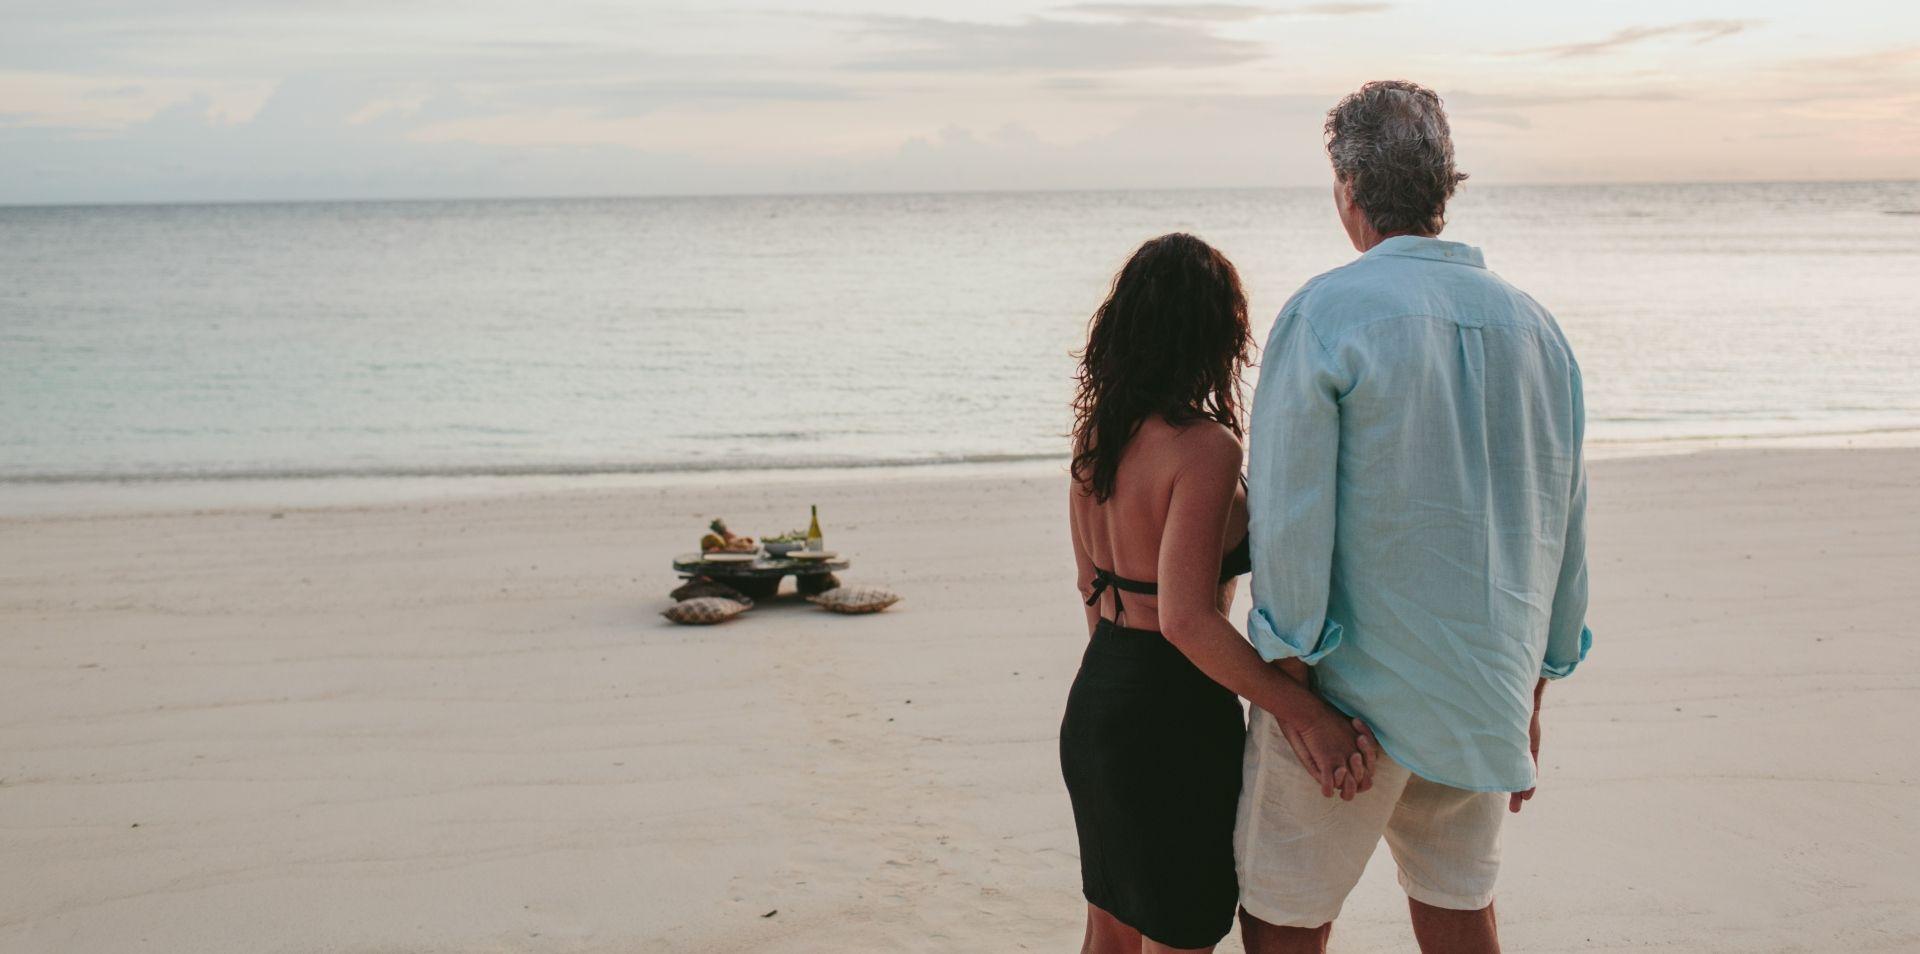 A romantic private beach picnic